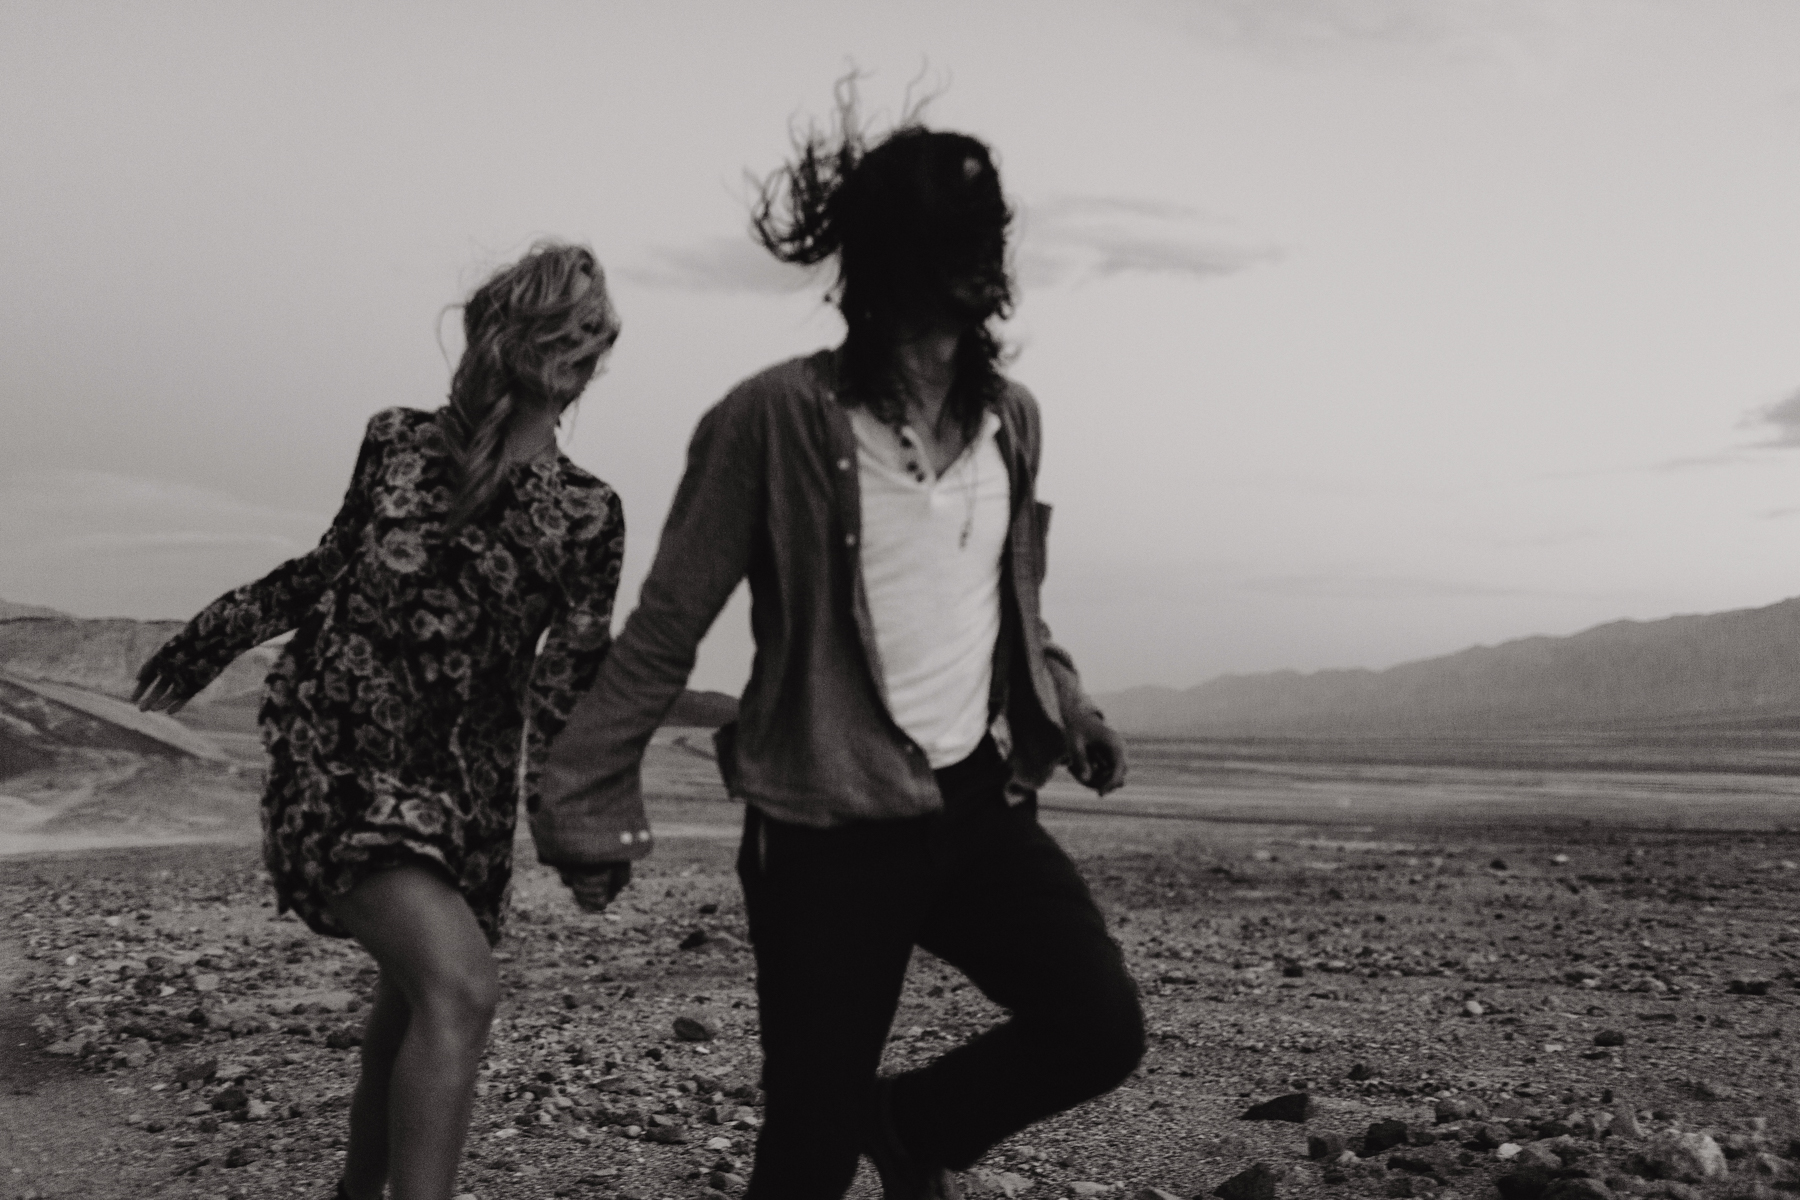 Desert-Couples-Shoot-131.jpg